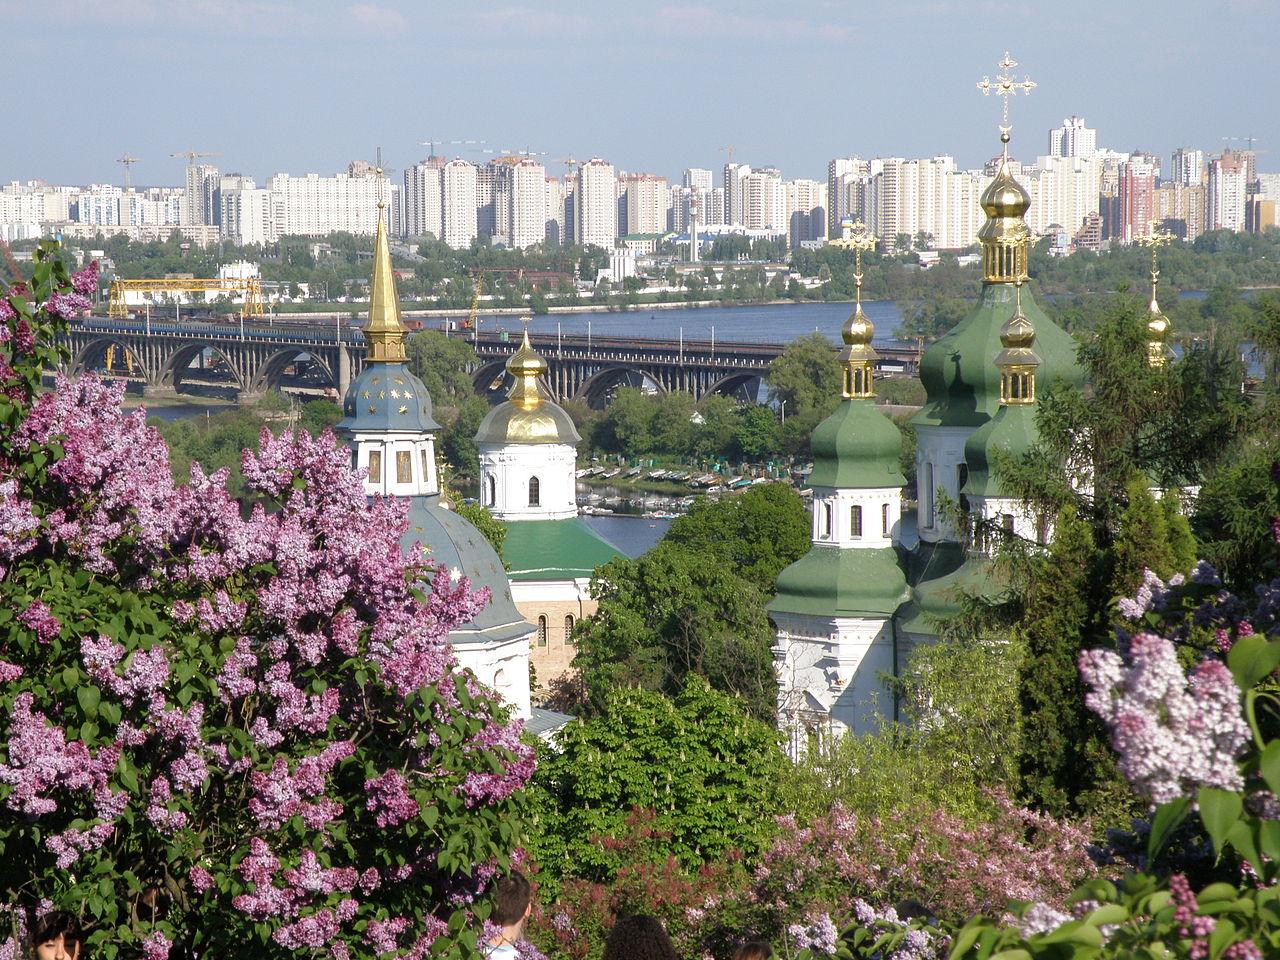 Soutěž Eurovize bude podle organizátorů v Kyjevě, změnu nezvažují